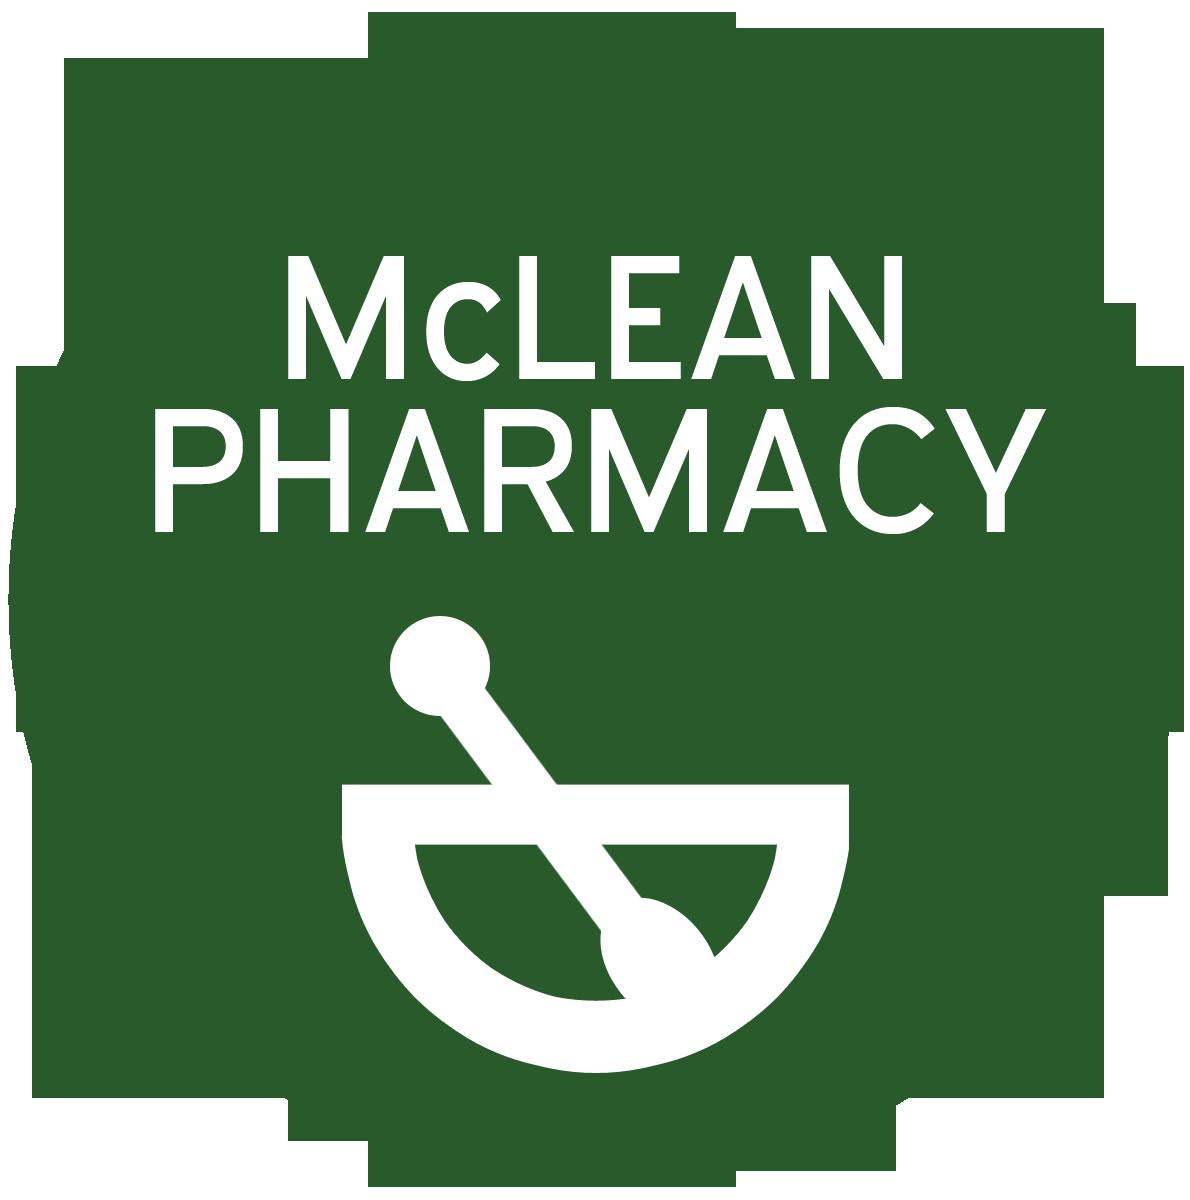 Mclean Pharmacy